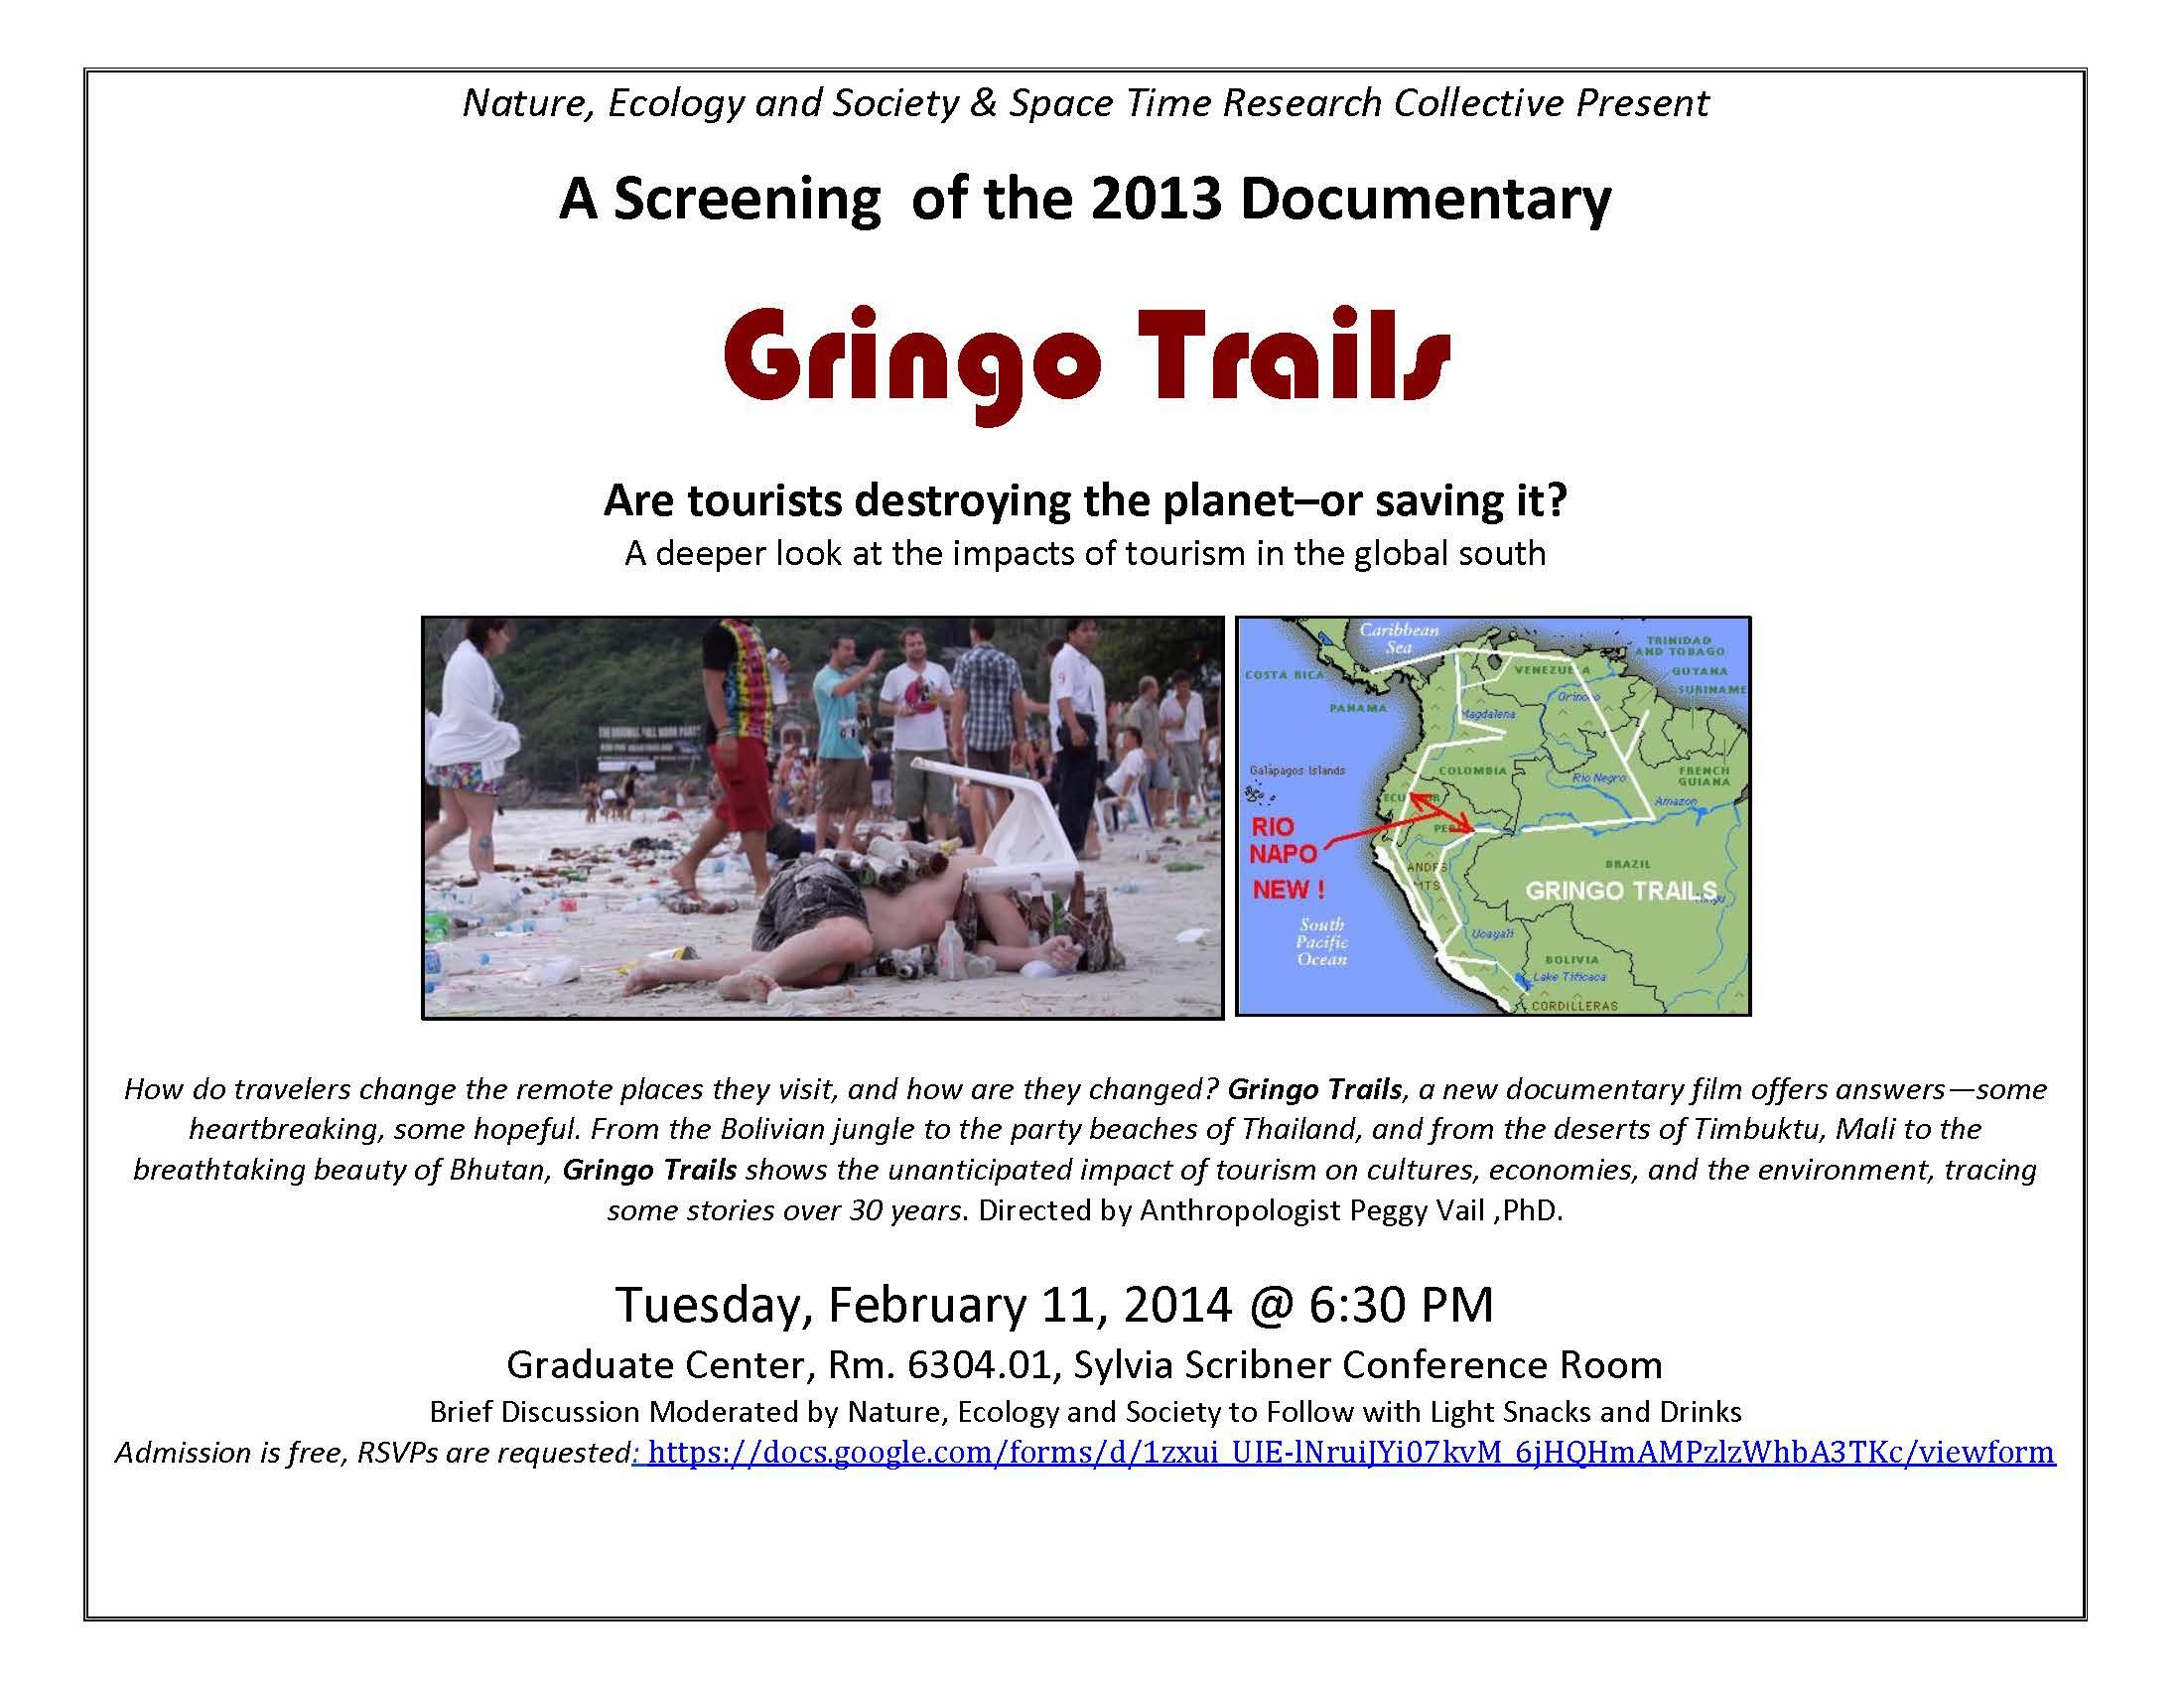 Flyer Gringo Trails Screening 2.11.14_sf